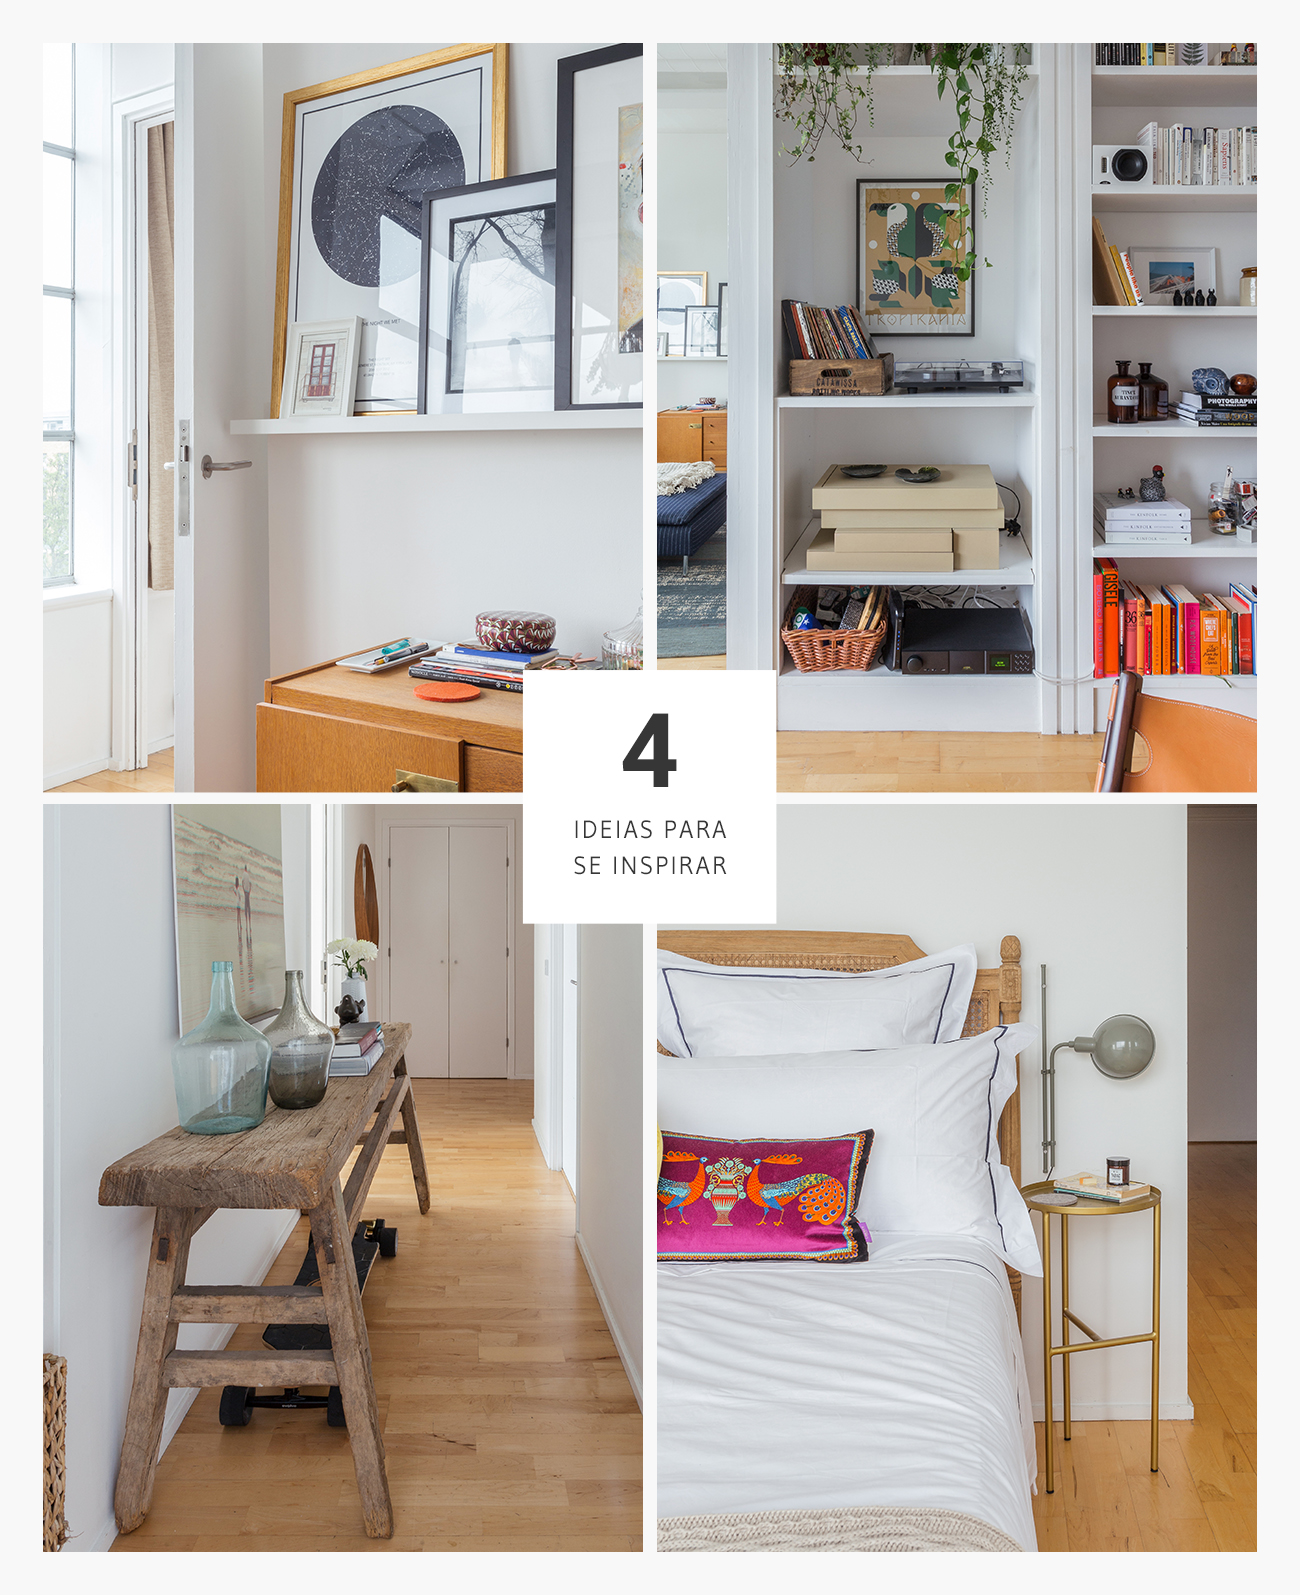 Boas ideias de decoração em um apartamento em Londres